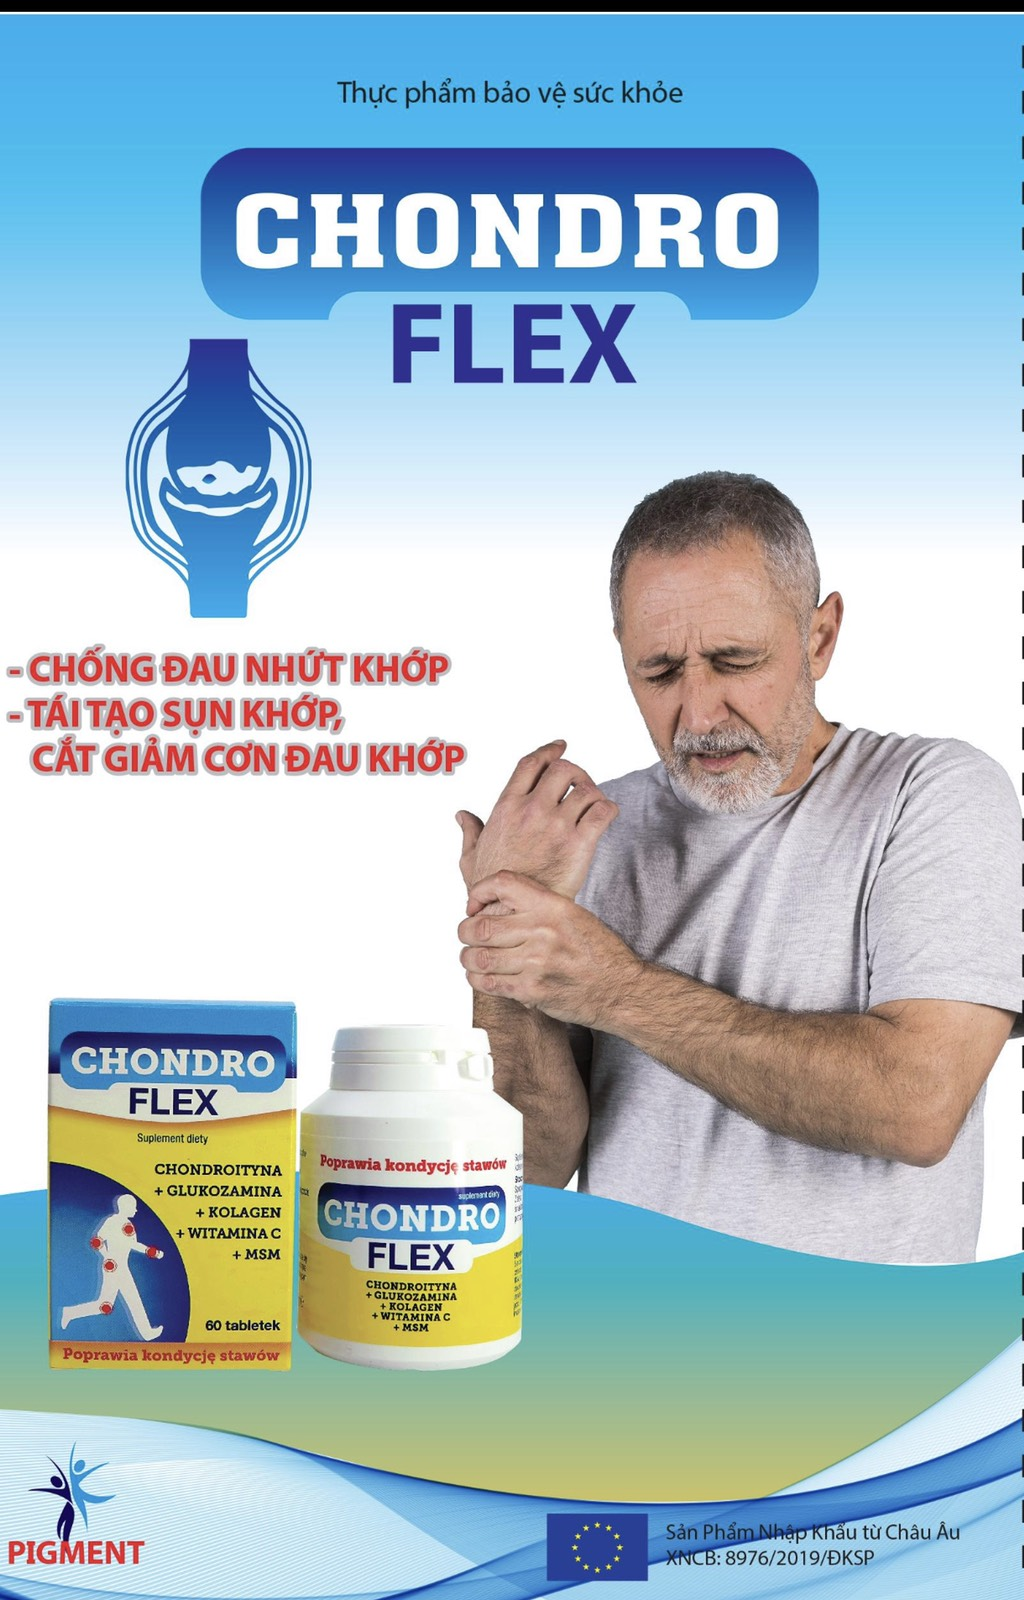 Viên uống hỗ trợ xương khớp Chondro flex hàng nhập khẩu chính hãng 2